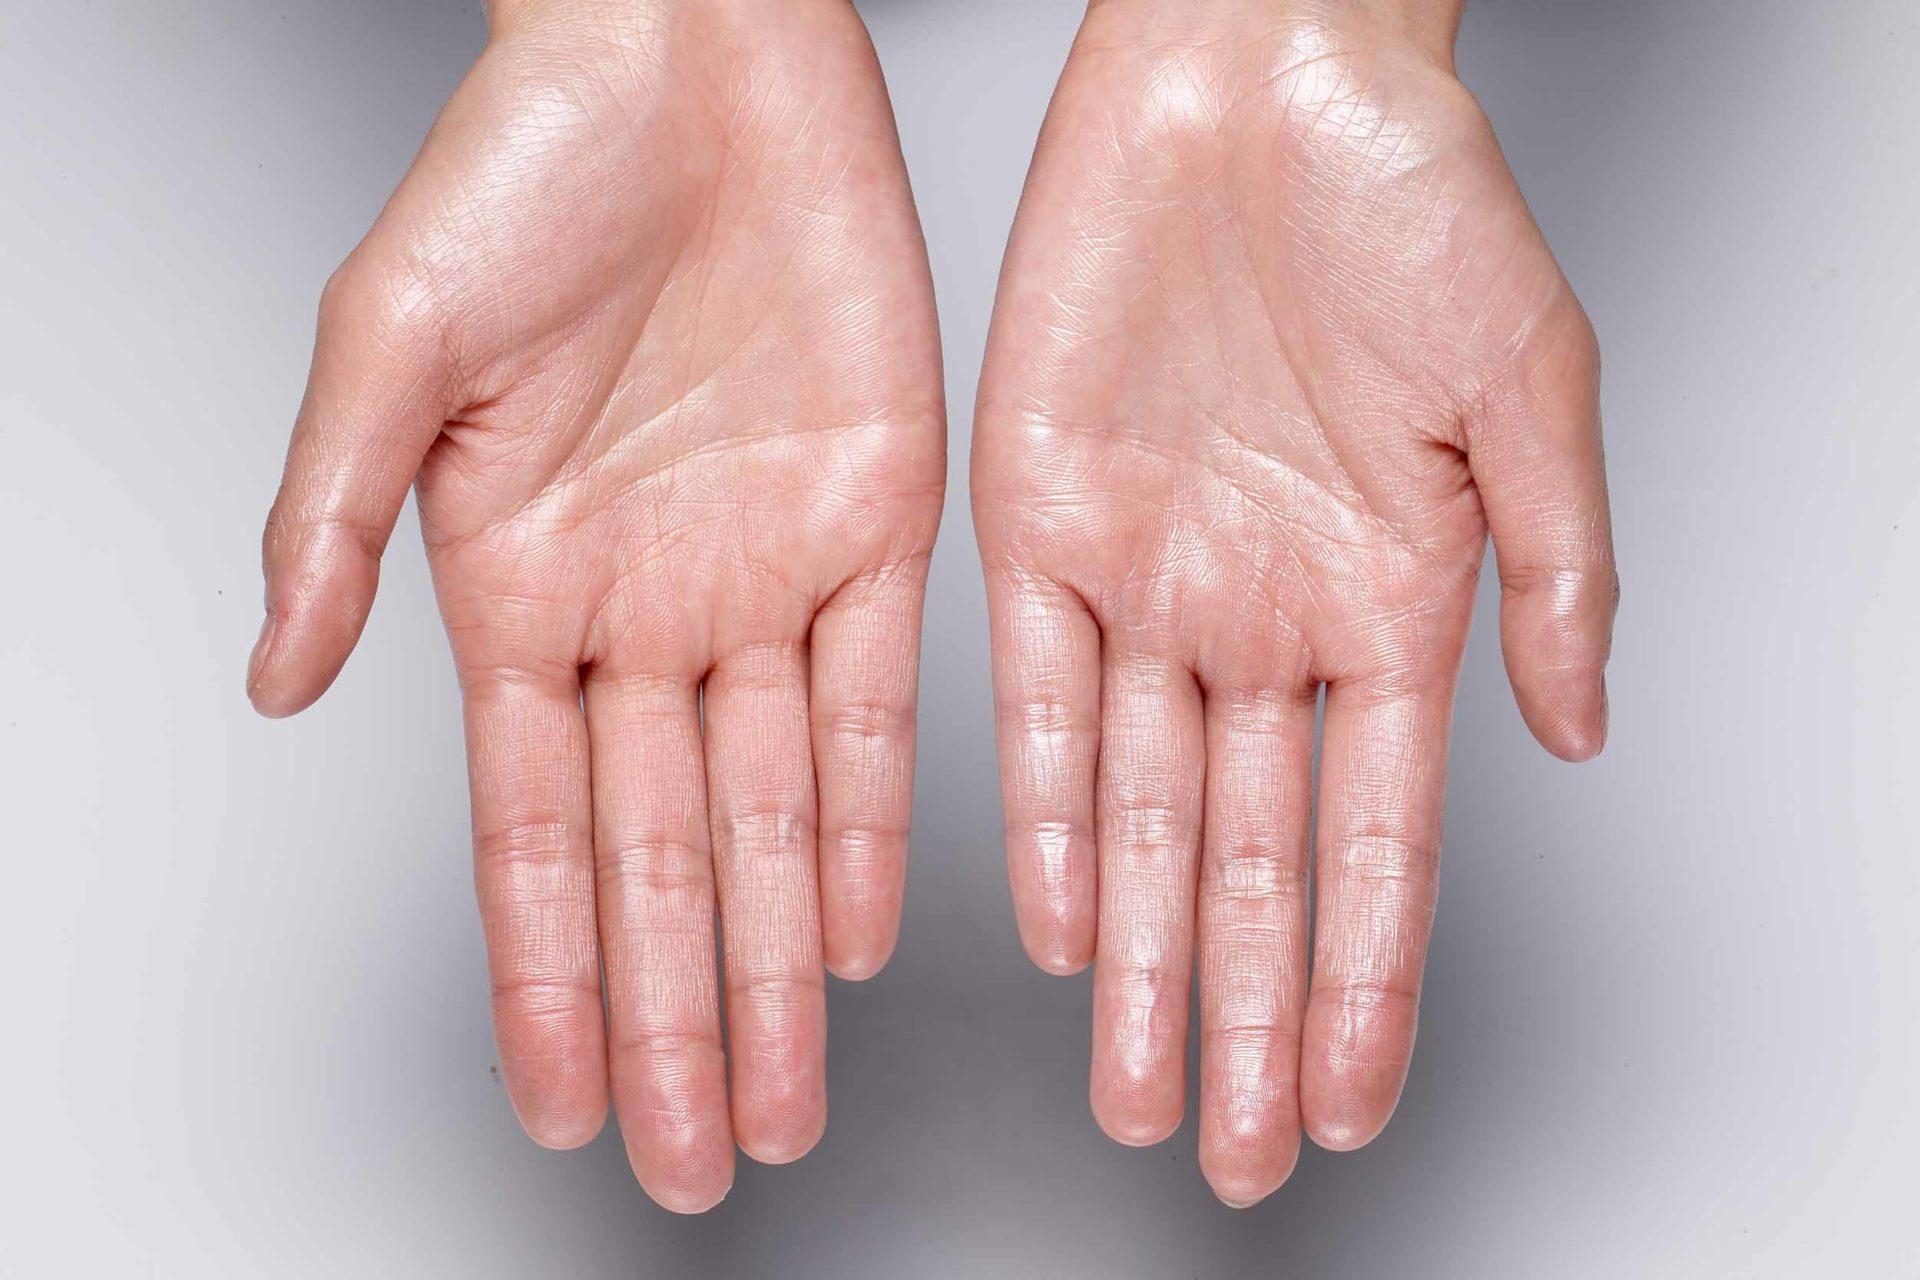 Übermäßiges Schwitzen an Händen, Füßen und Achseln